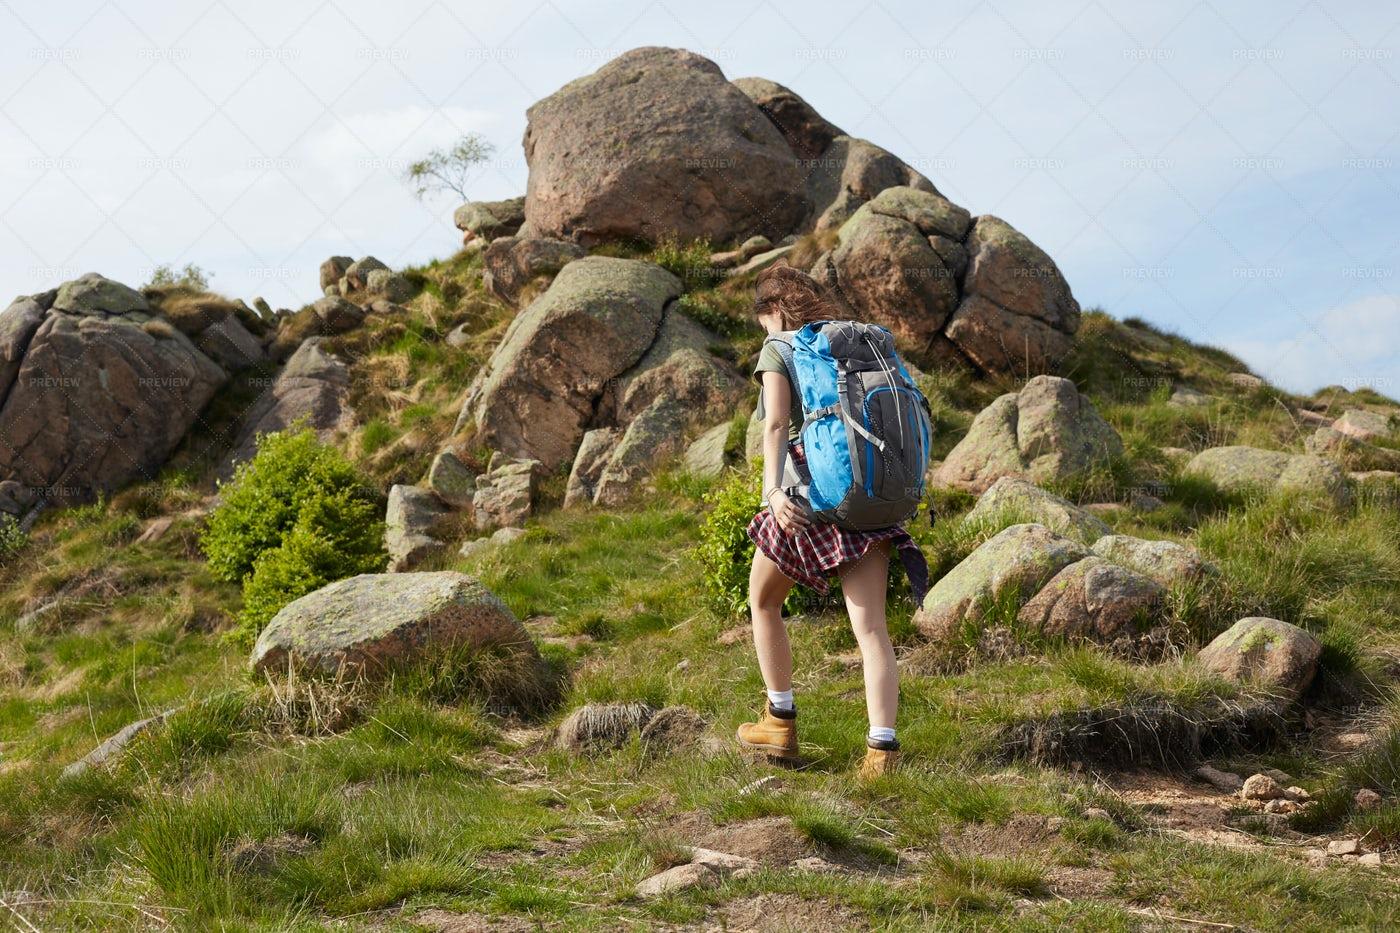 Hiker Climbing A Mountain: Stock Photos